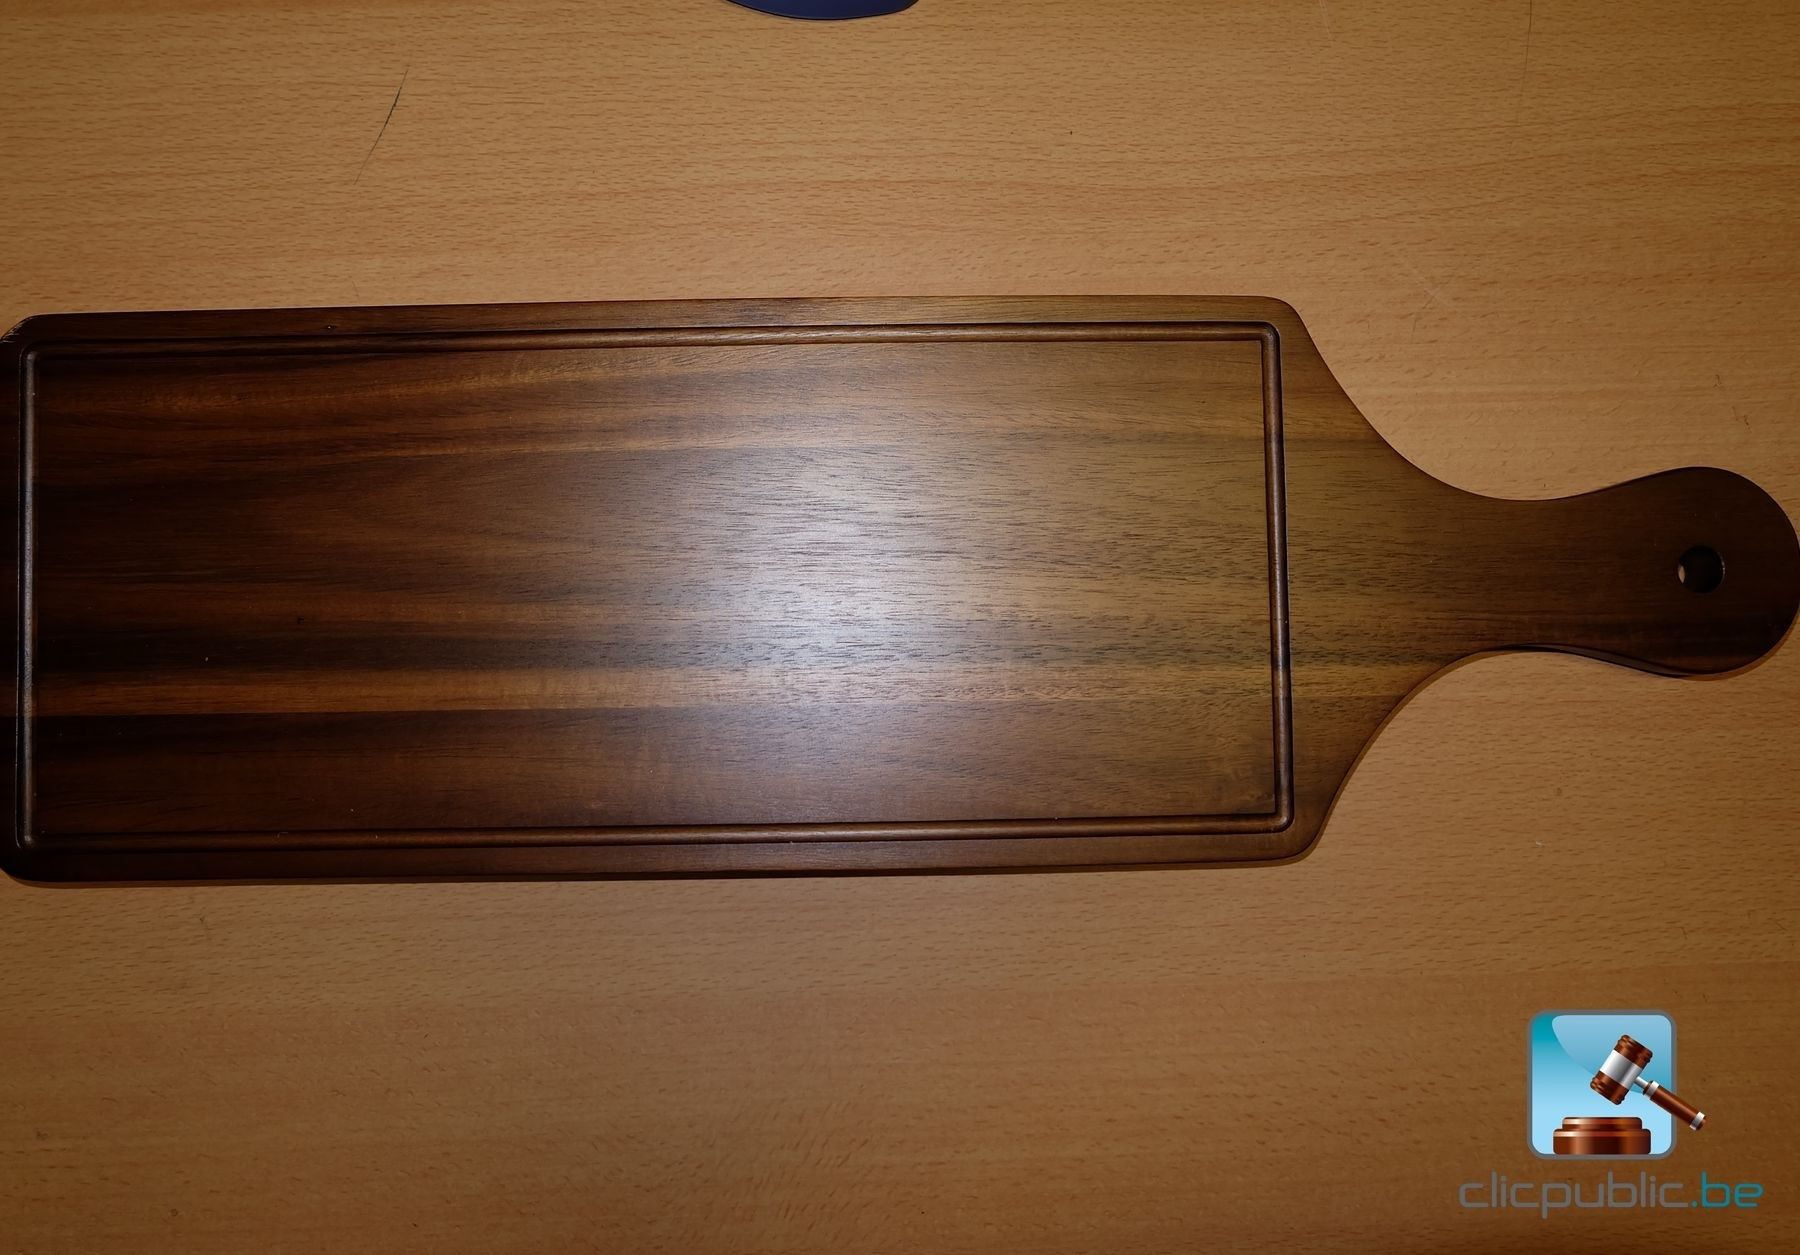 planche de d coupe en bois 8 ustensiles de cuisine ref 7016 224 vendre sur. Black Bedroom Furniture Sets. Home Design Ideas